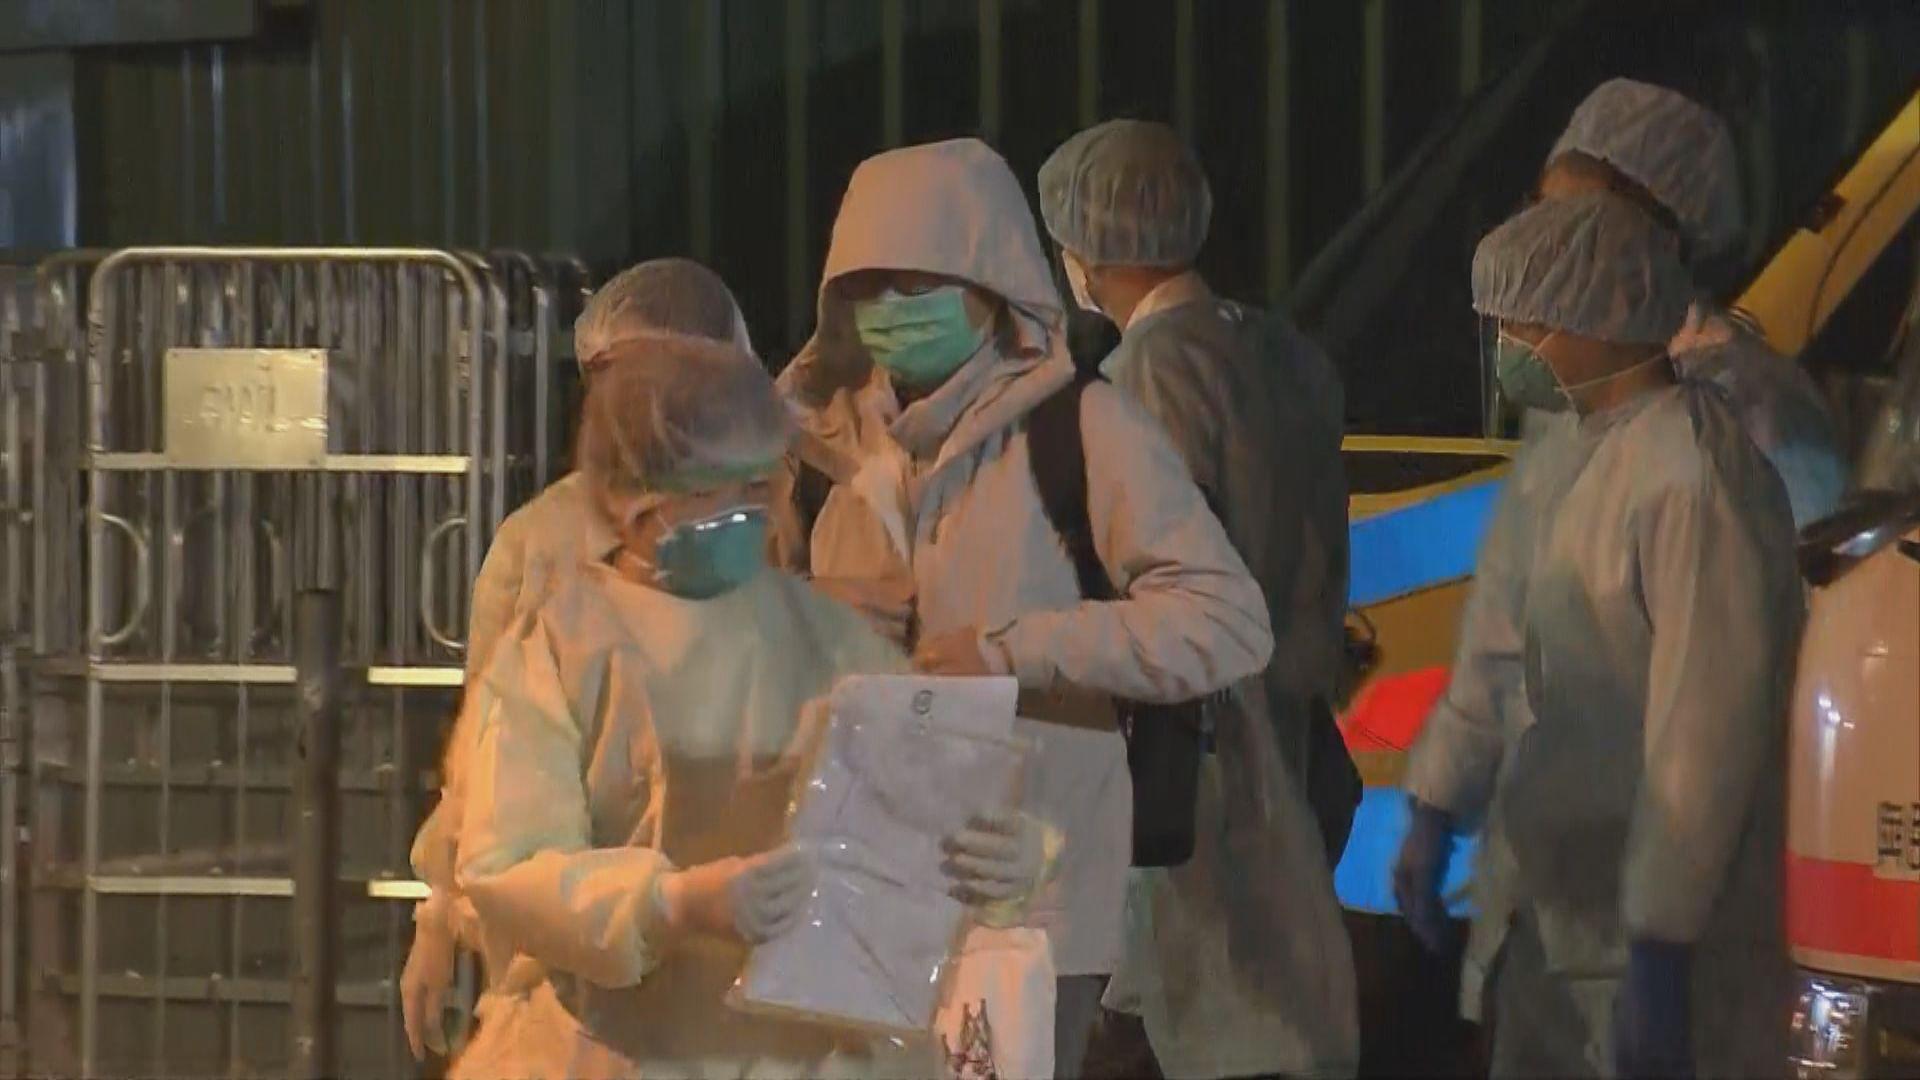 消息指四名返港的鑽石公主號乘客初步化驗對病毒呈陽性